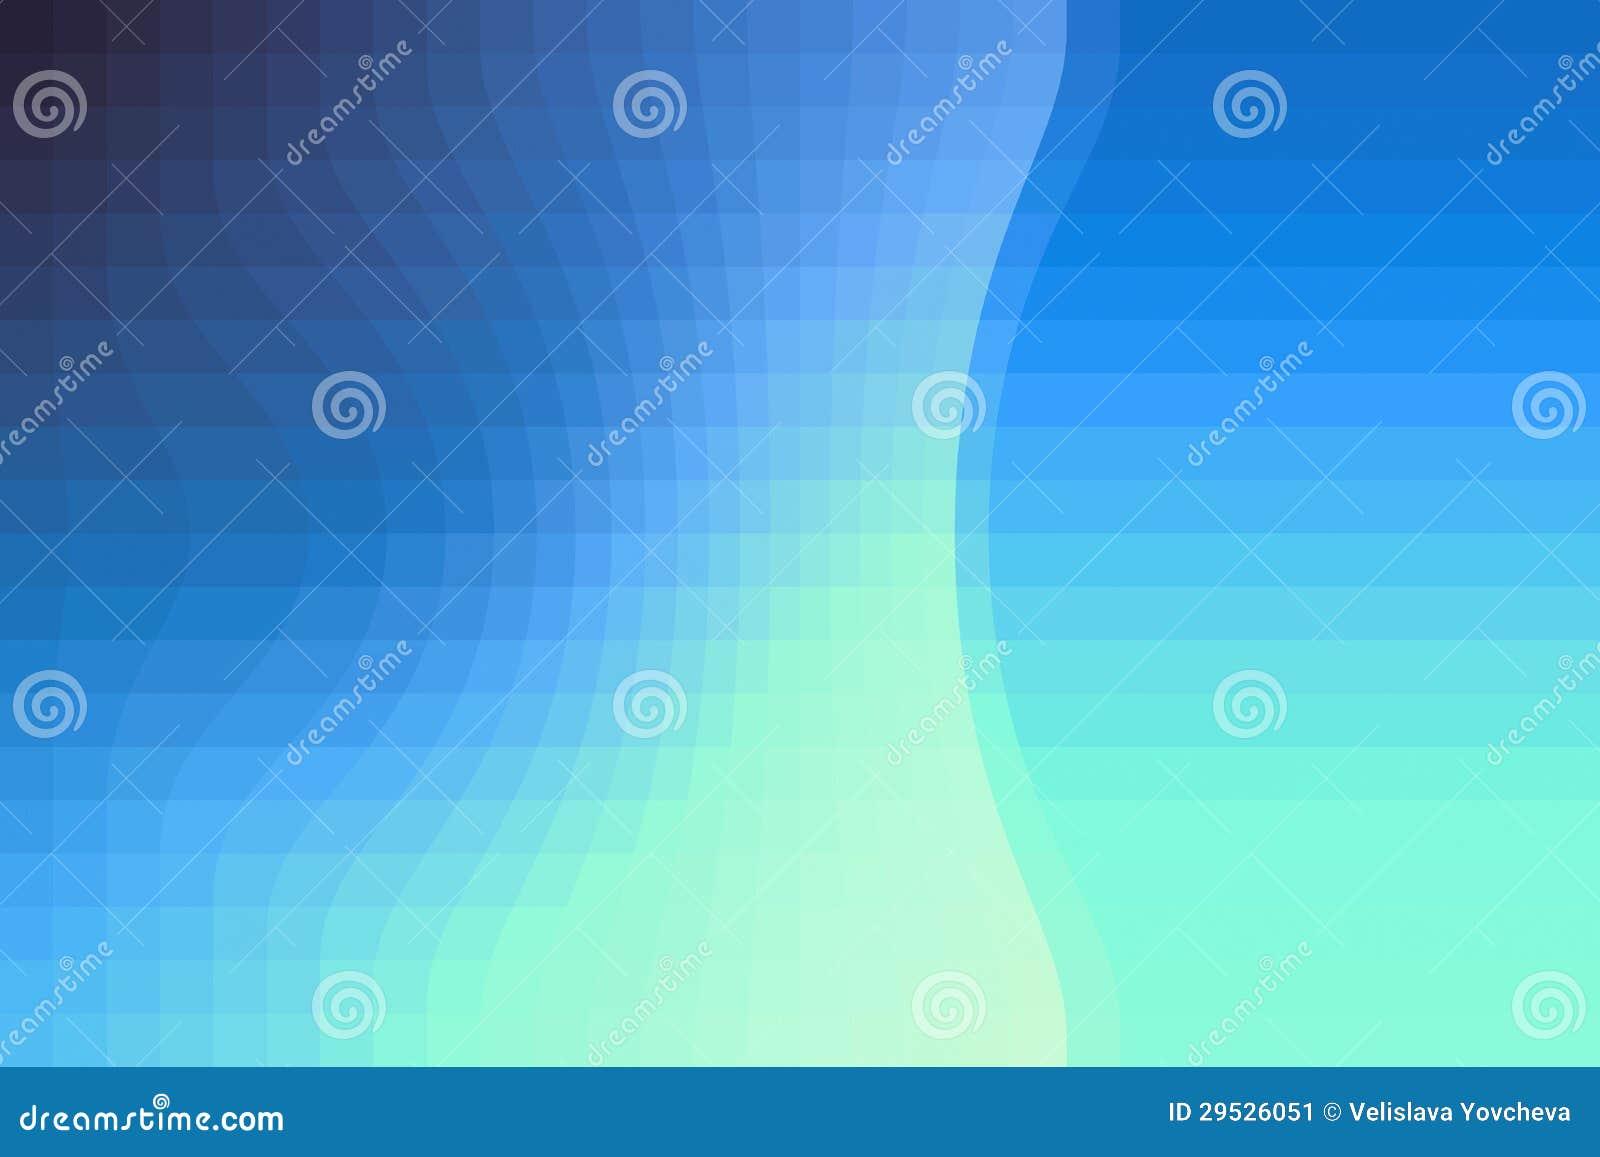 Um fundo contemporâneo com cor azul graduada